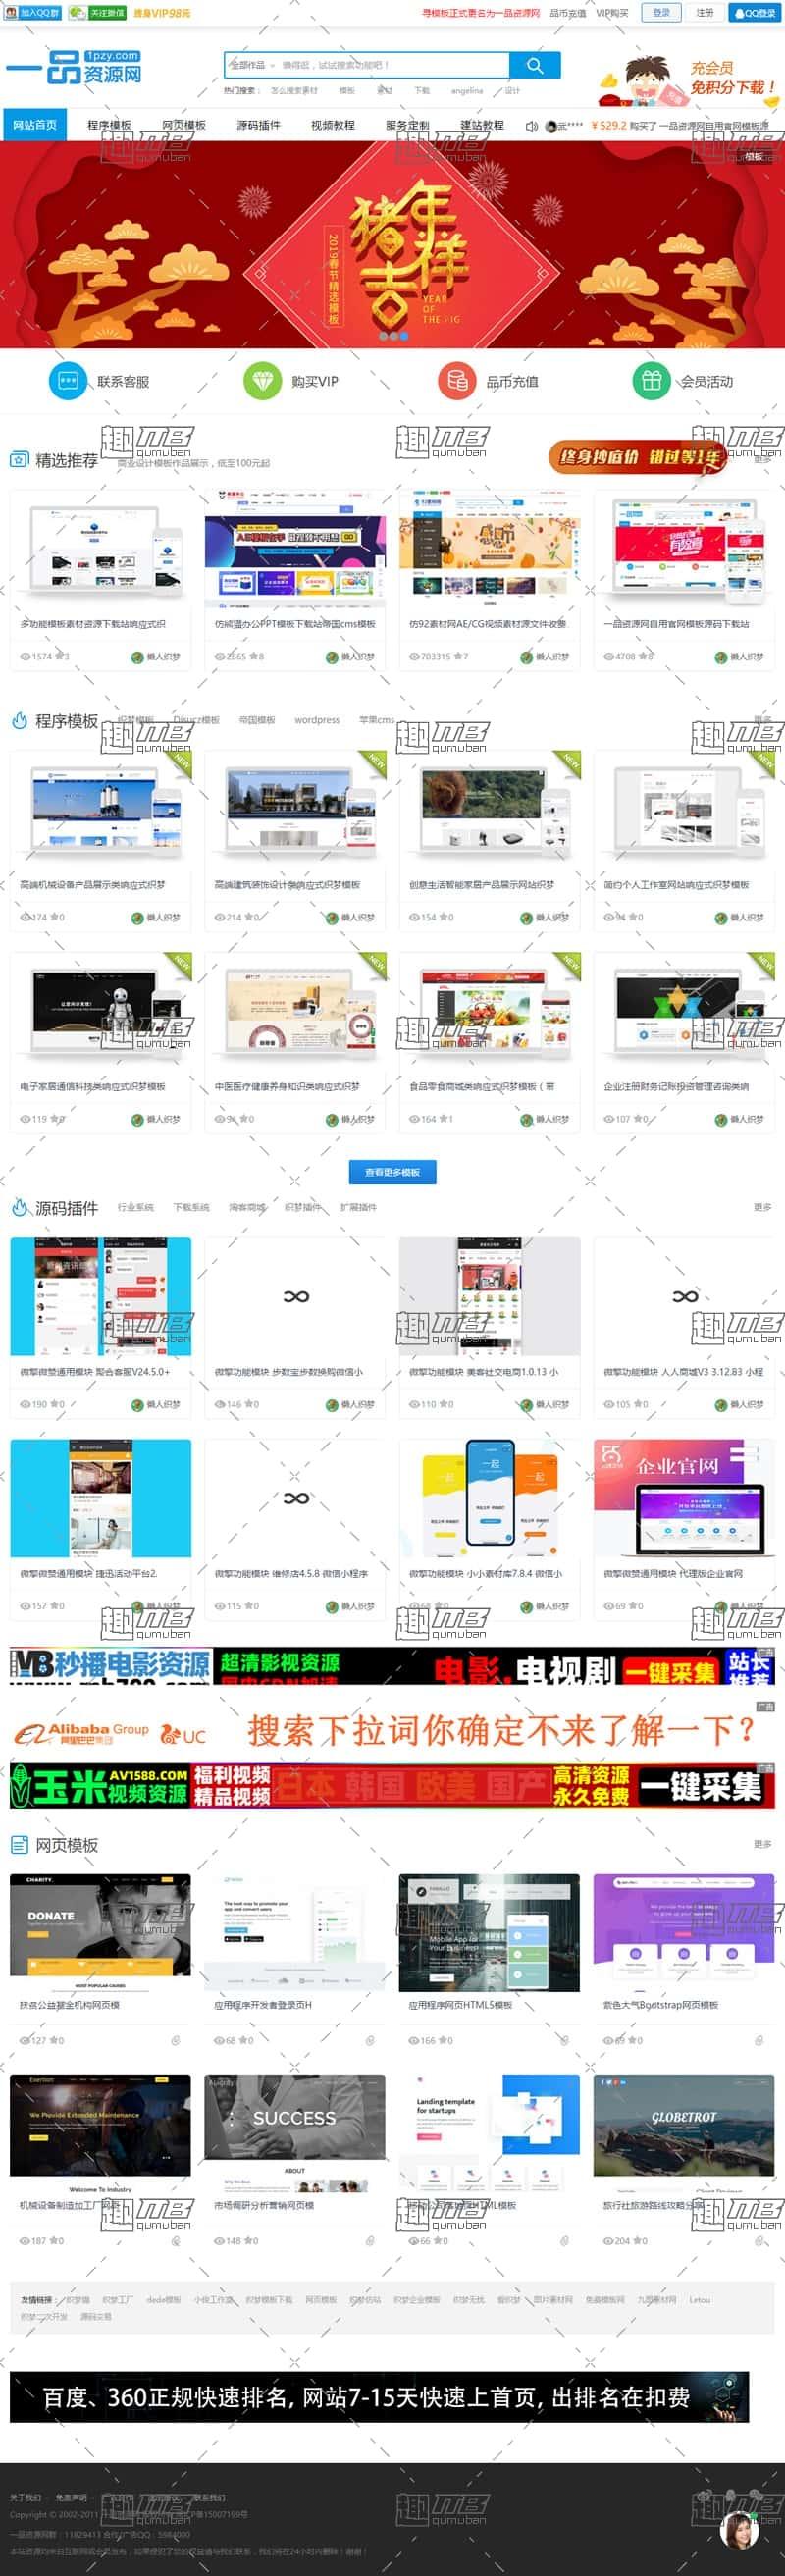 互站900的织梦CMS一品资源网模板 DEDE站长源码教程资源下载站源码 带手机模板